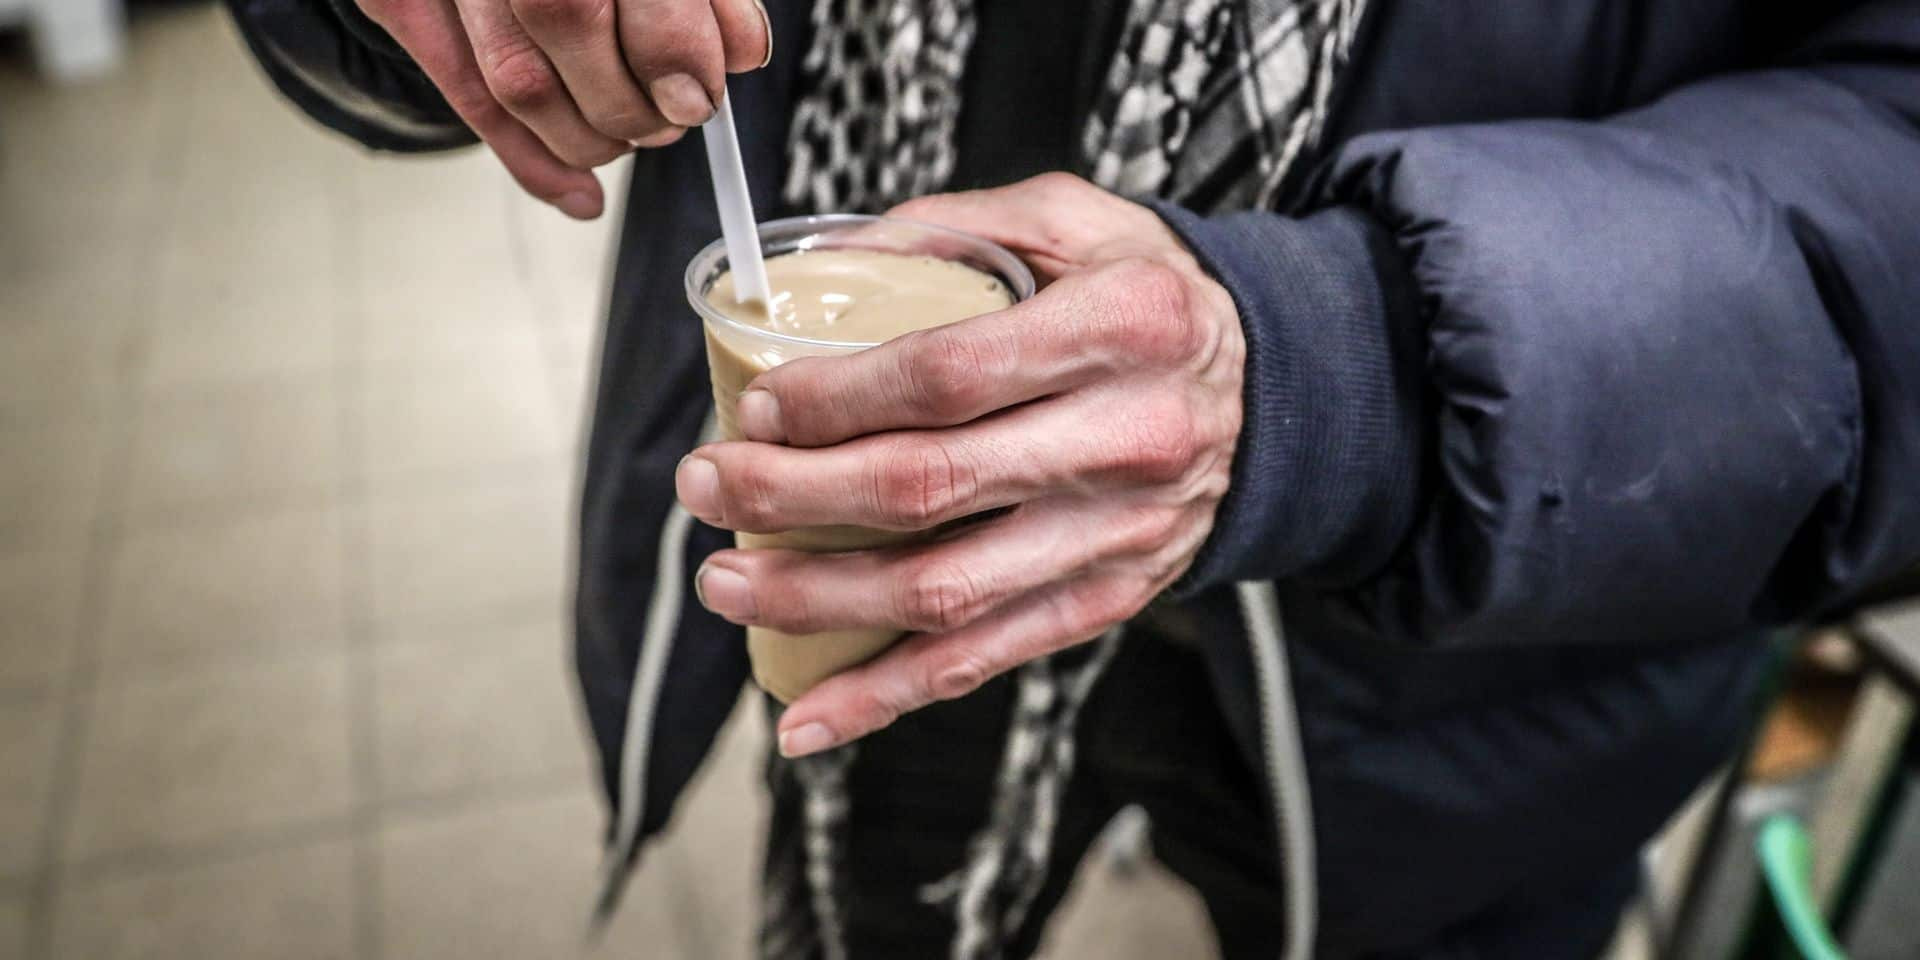 La Louvière: bientôt un abri de nuit plus grand pour les sans-abri